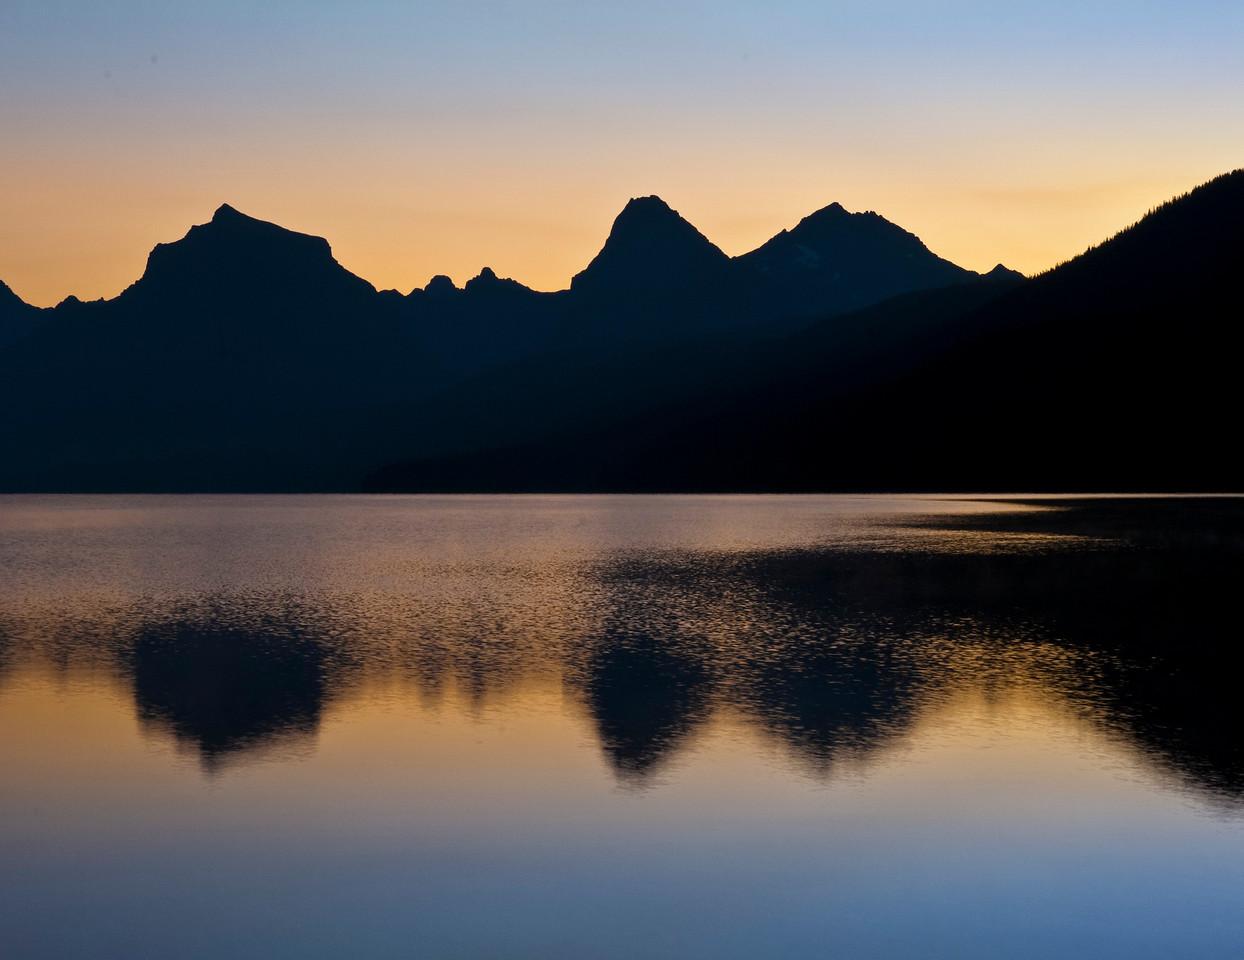 Silhouette Mountain Range